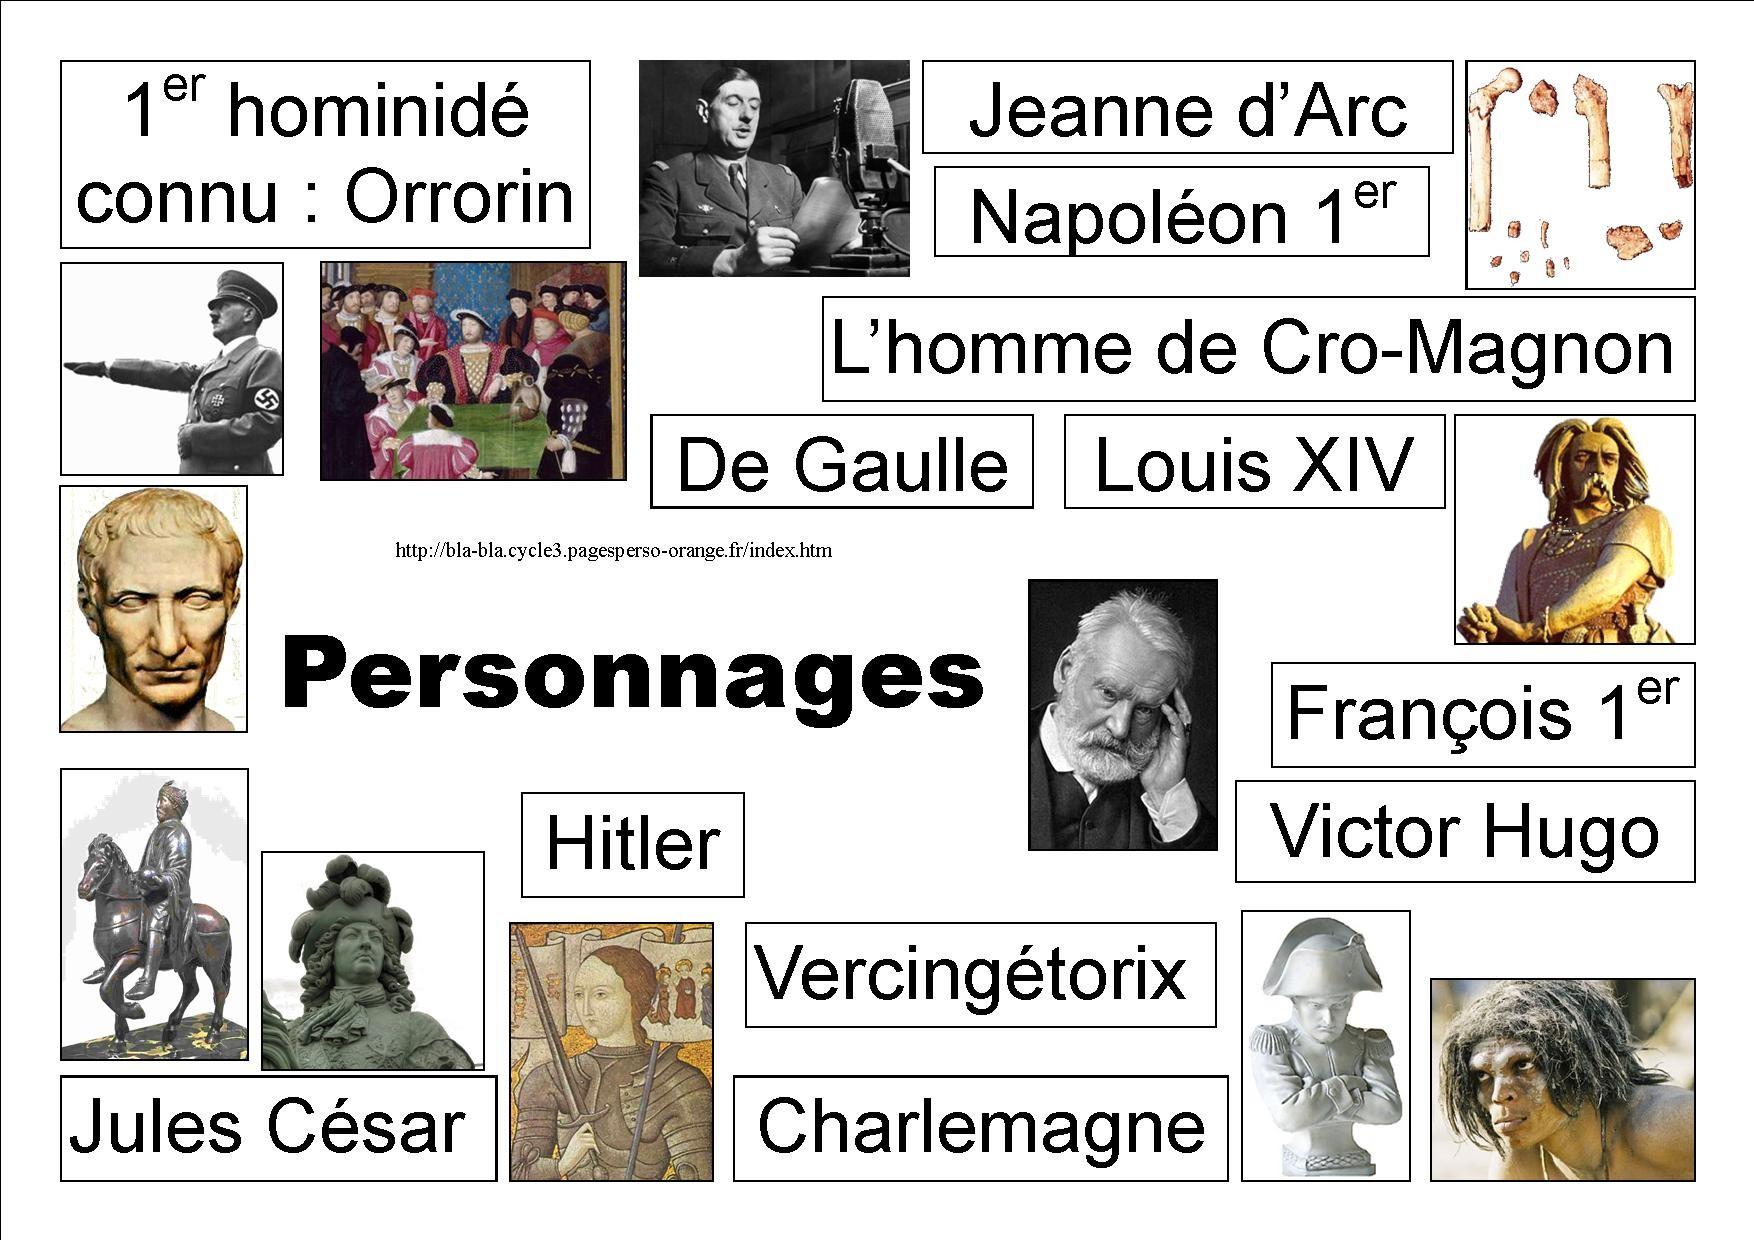 Les surnoms de personnages connus